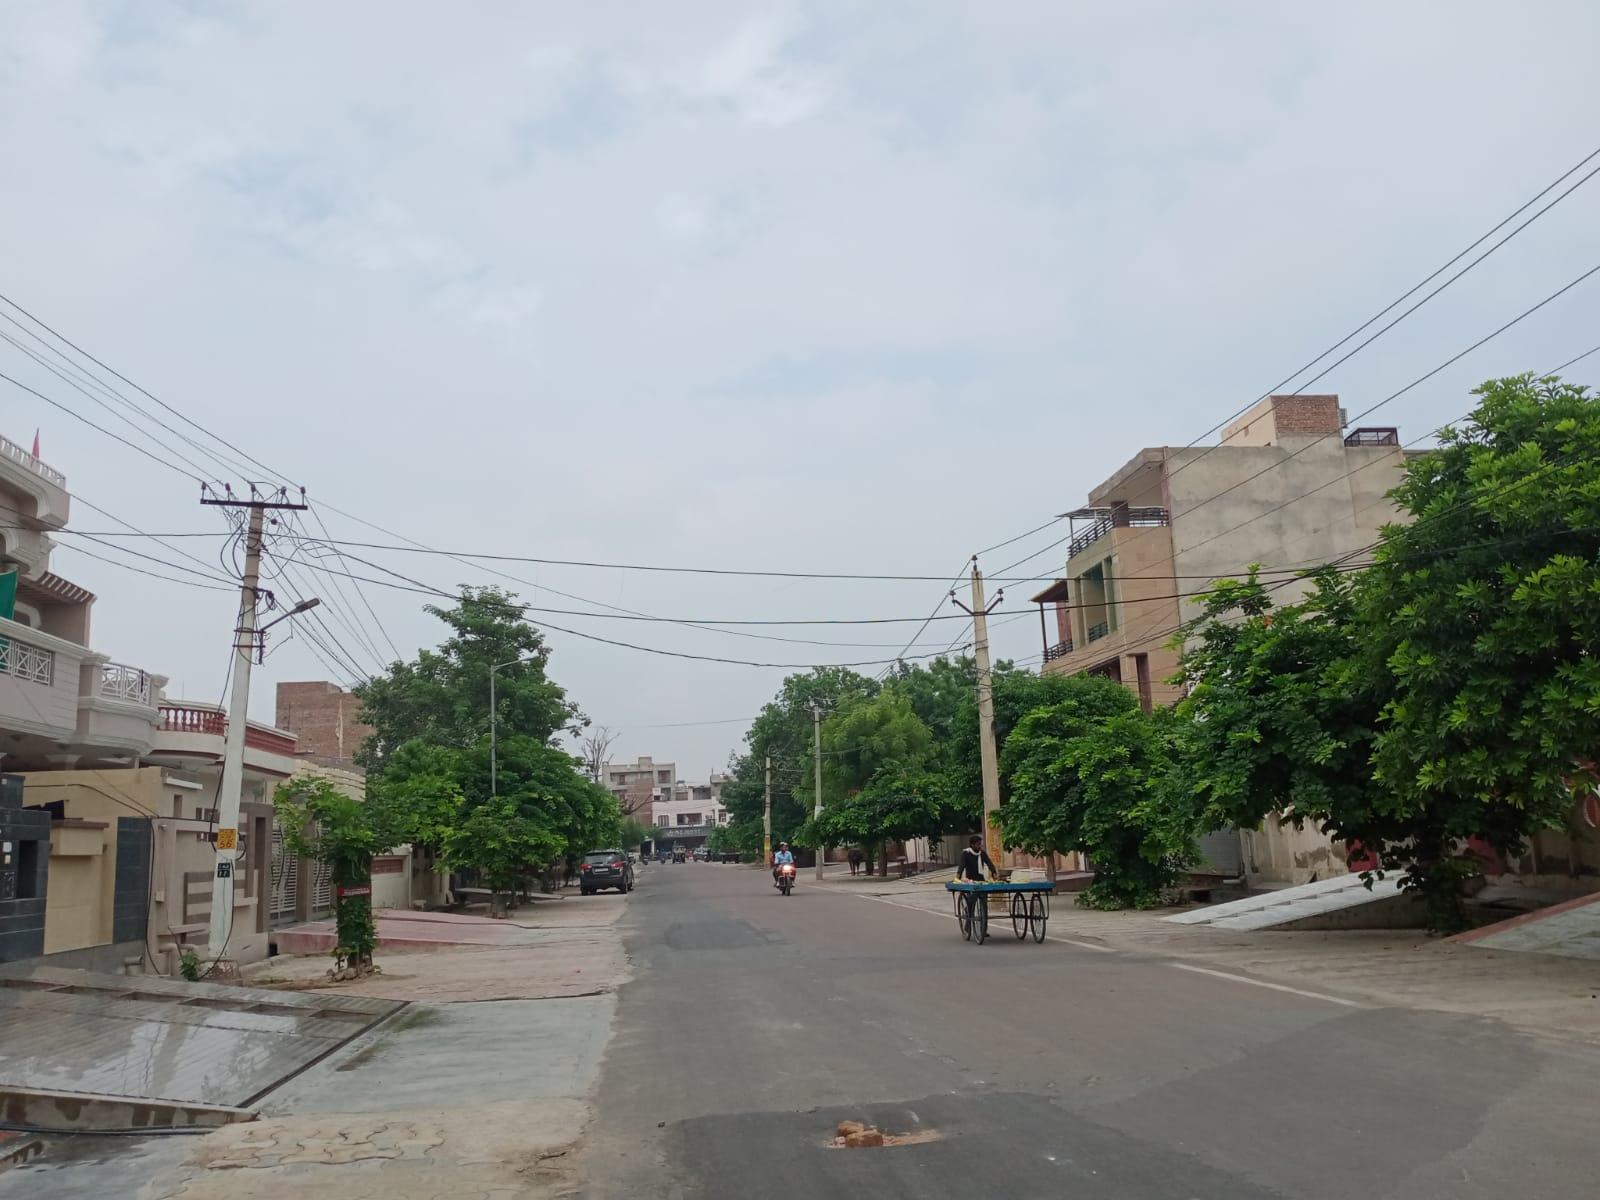 मौसम में आ रहा बदलाव, नमी बढ़ने से कम हुआ गर्मी का असर, रात के समय ठंडक का एहसास|राजस्थान,Rajasthan - Dainik Bhaskar